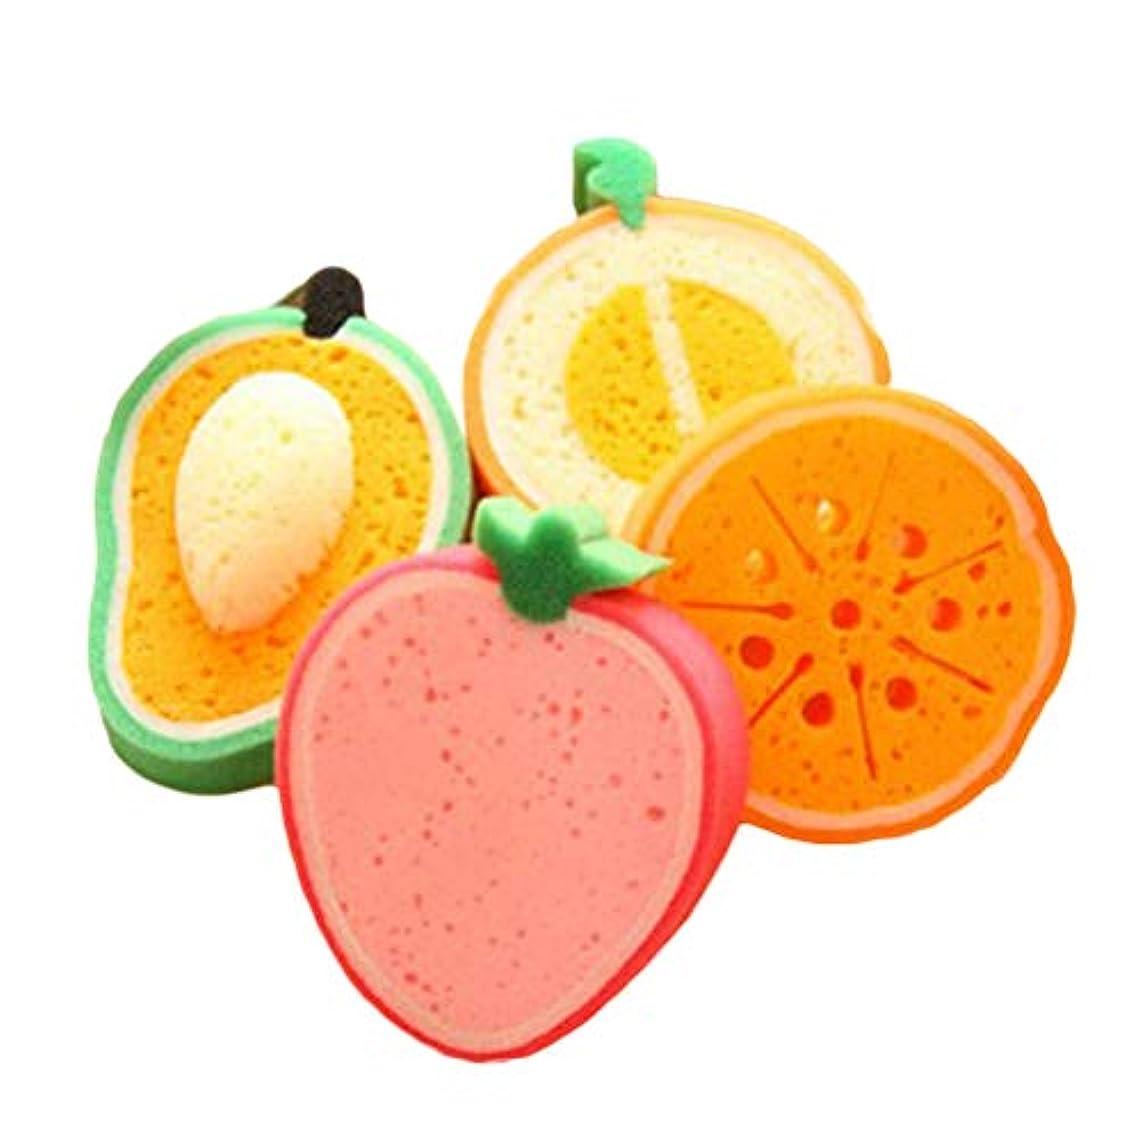 評価ポケットROSENICE 子供のためのフルーツの形のバススポンジバスブラシ4個